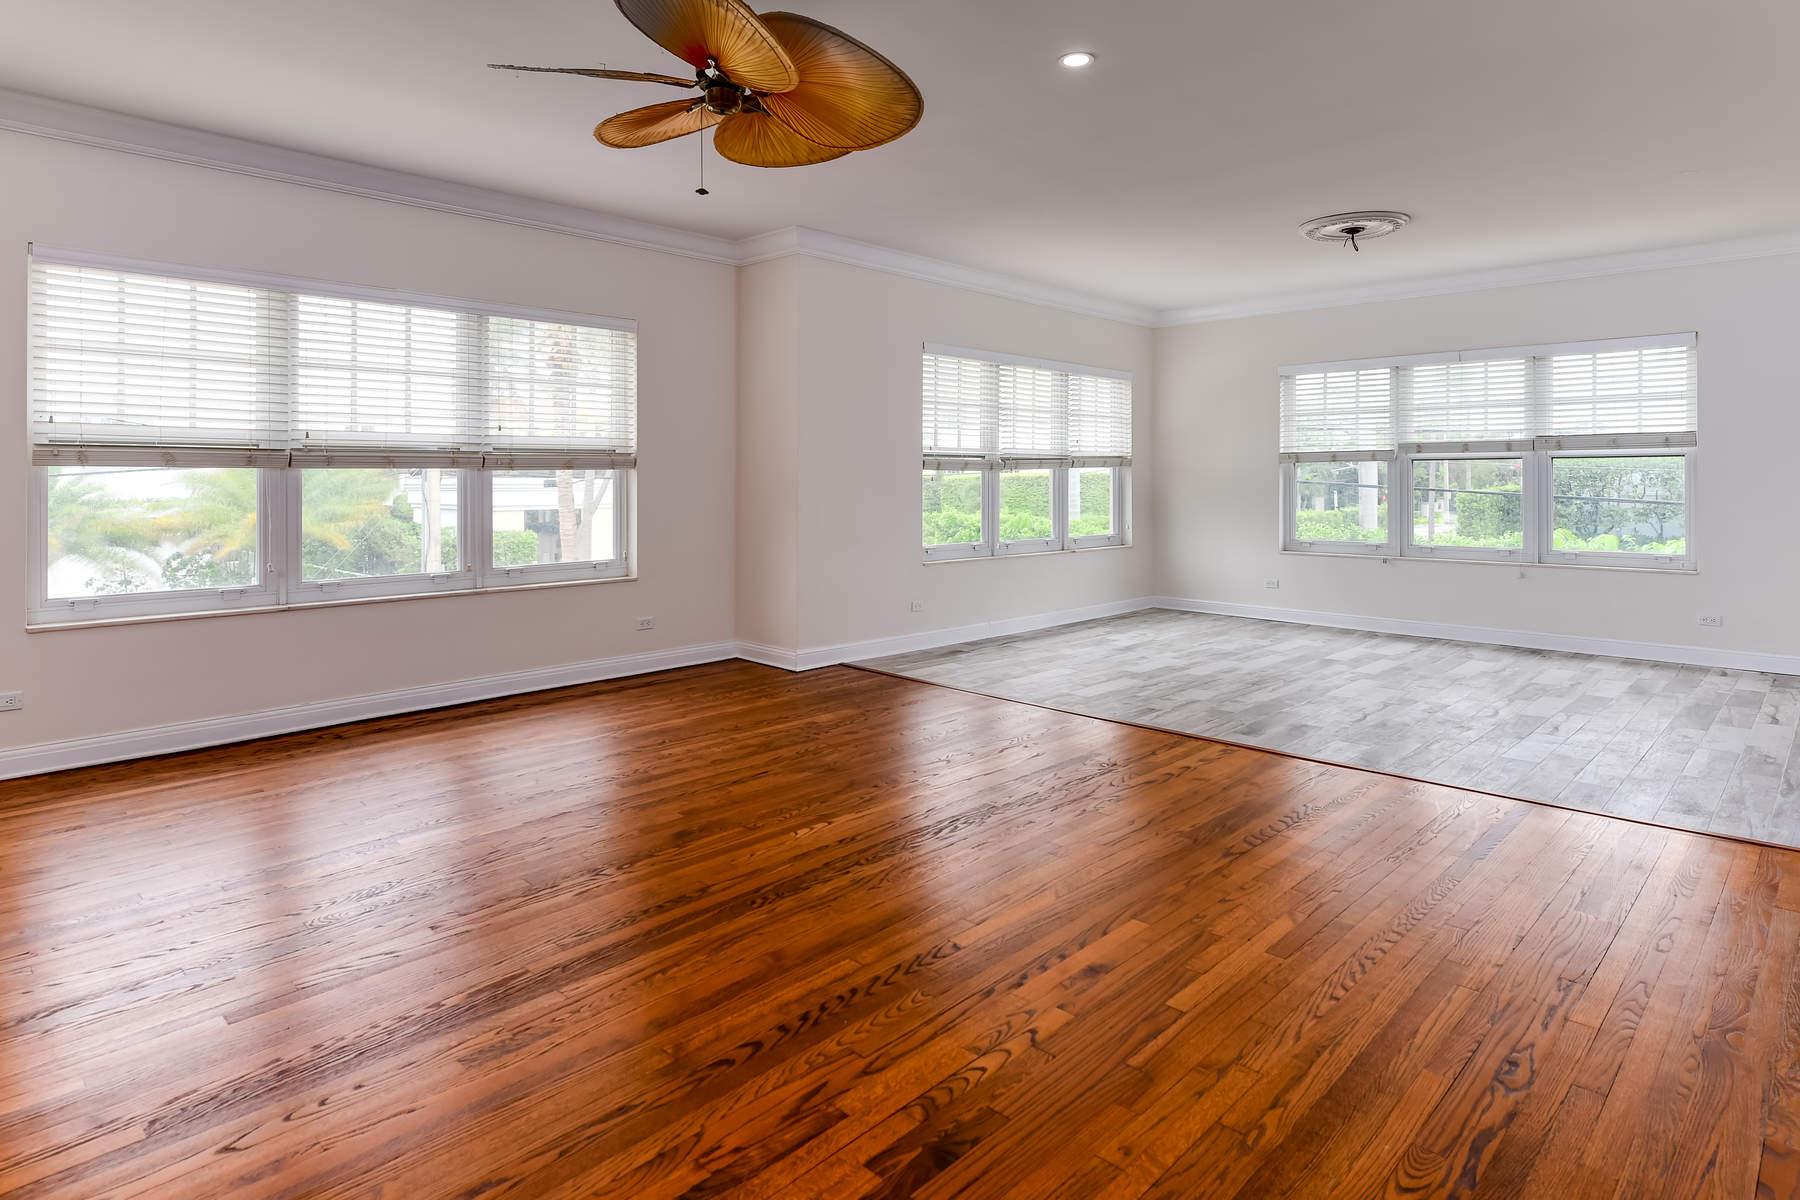 Кондоминиум для того Продажа на Fully Renovated Condo 311 Cocoanut Row 201, Palm Beach, Флорида, 33480 Соединенные Штаты